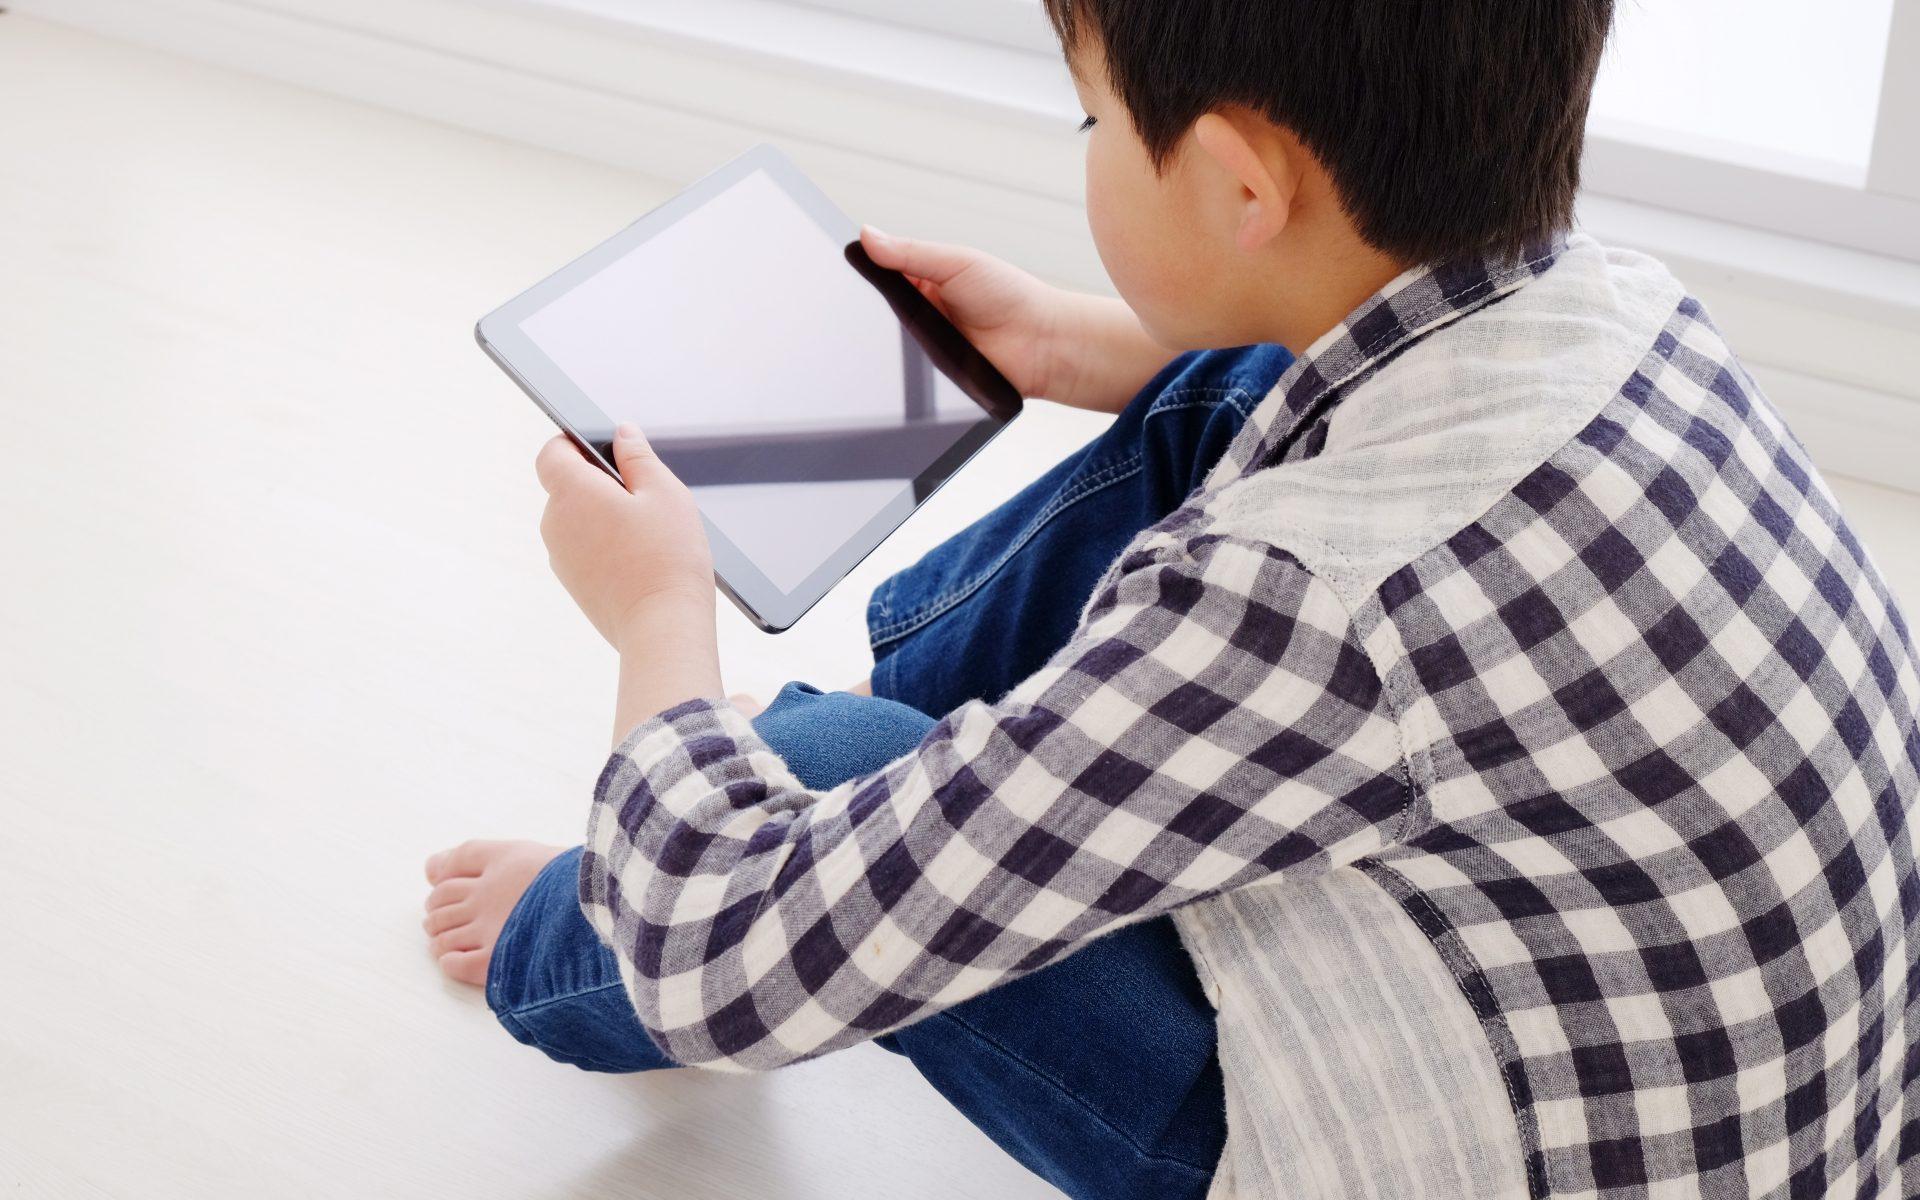 夏休みはタブレットやiPad1をレンタルするとお得です